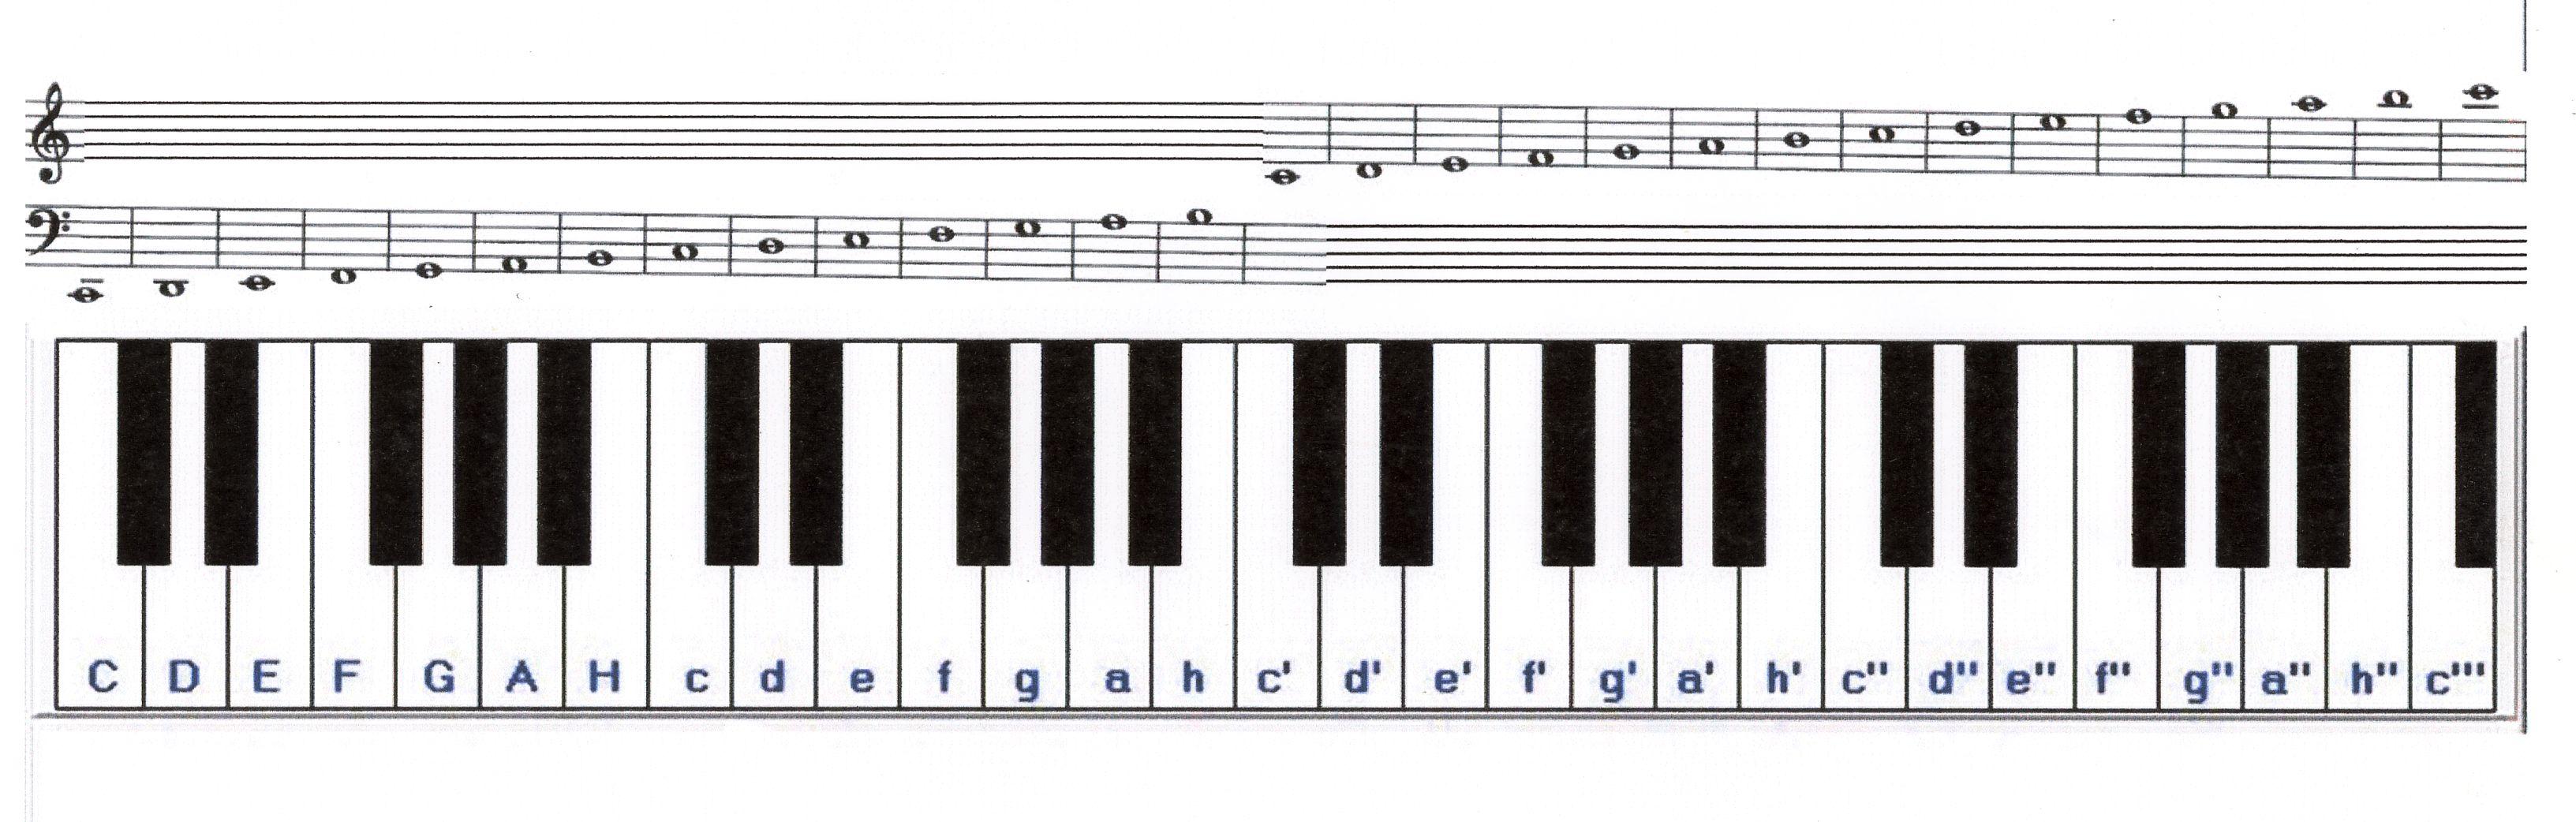 klaviatur zum ausdrucken mit noten